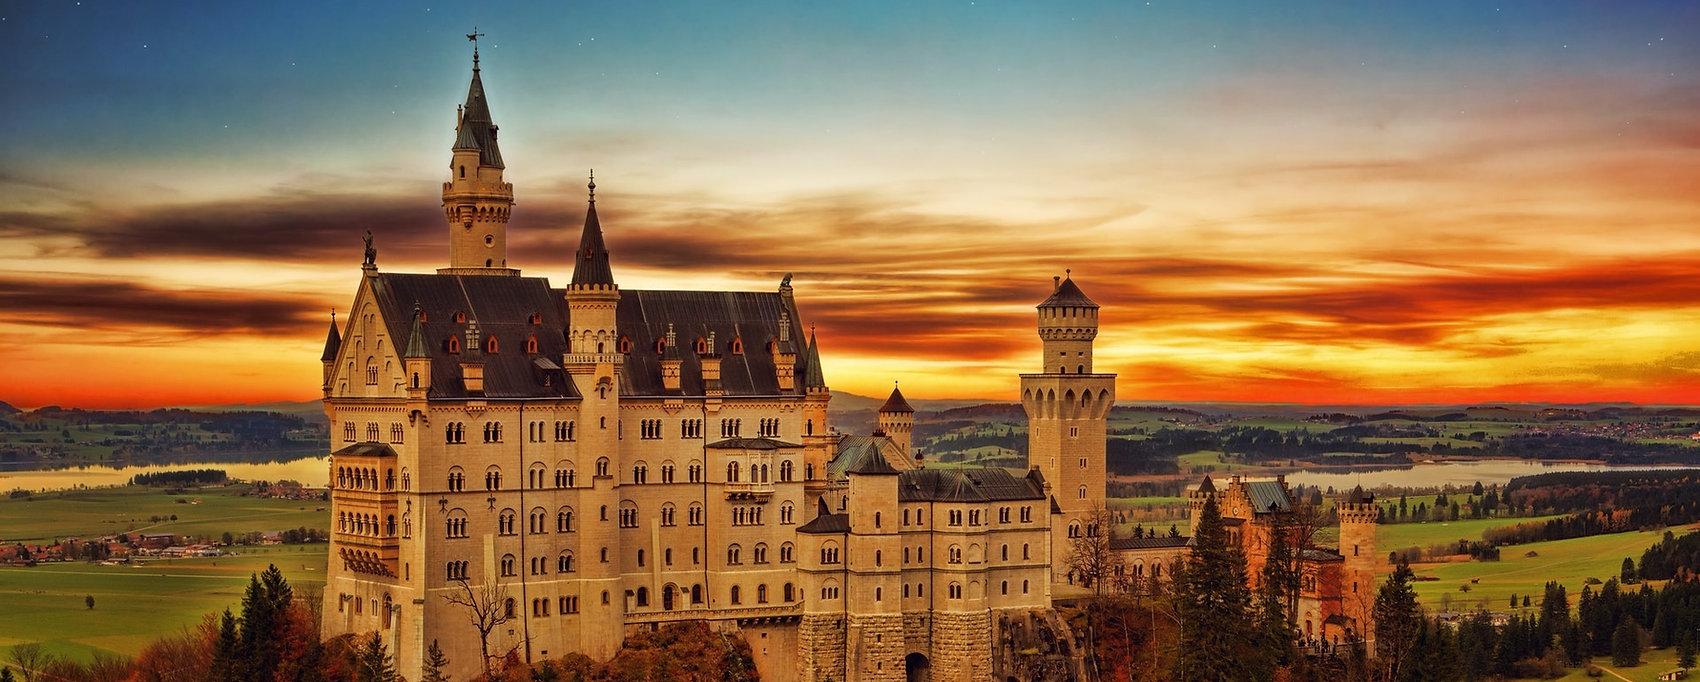 Schloss Neuschwanstein in Schwangau - Städtereisen - Kurzurlaub in Deutschland   Anders reisen, alternative Reisen, Reisetrends, außergewöhnliche Reisen, exklusive Reisen